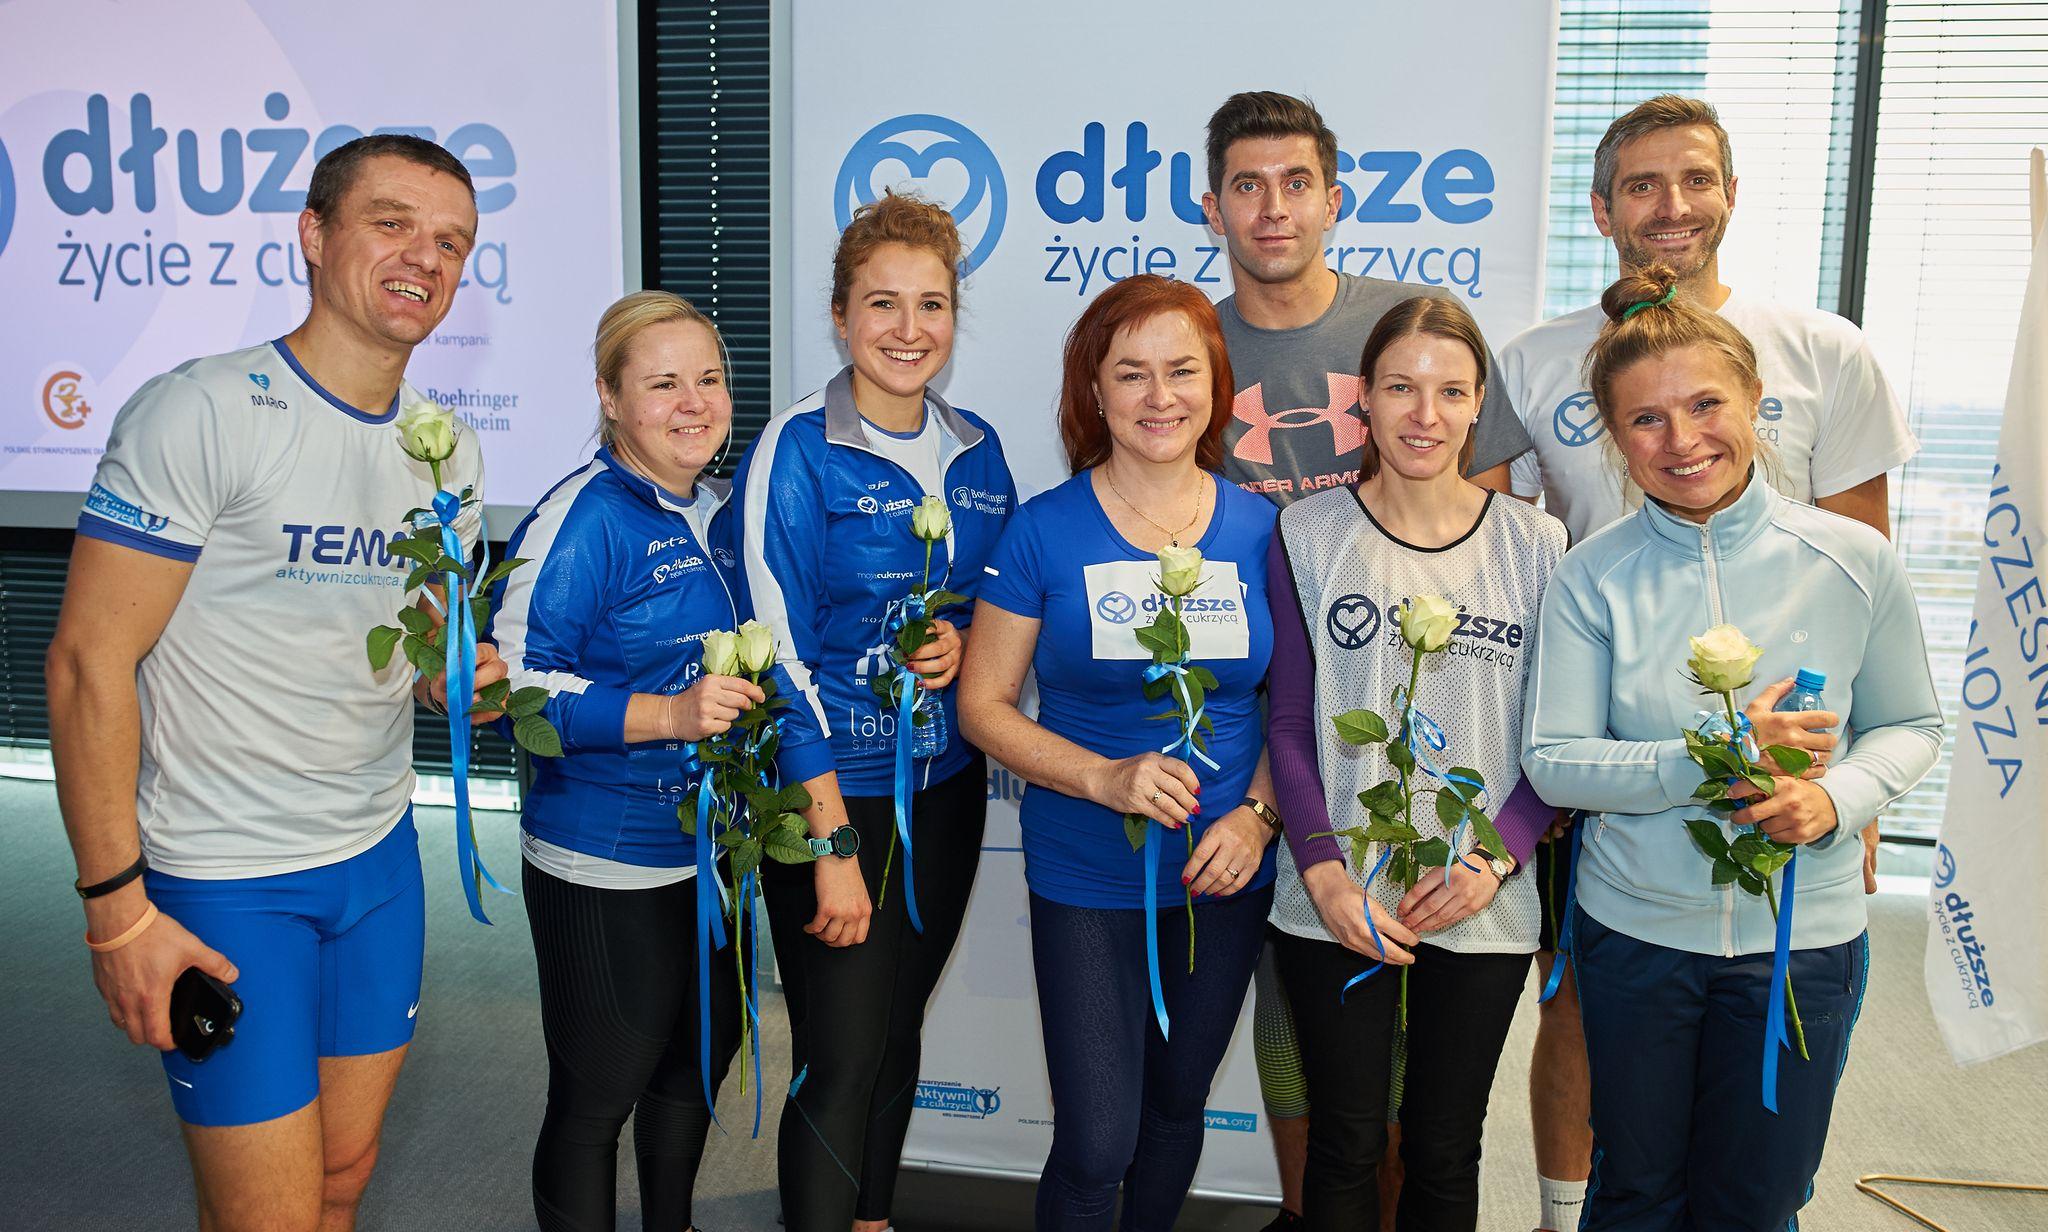 BlogStar: Dłuższe życie z cukrzycą - 12 podstawowych zasad - BlogStar.pl